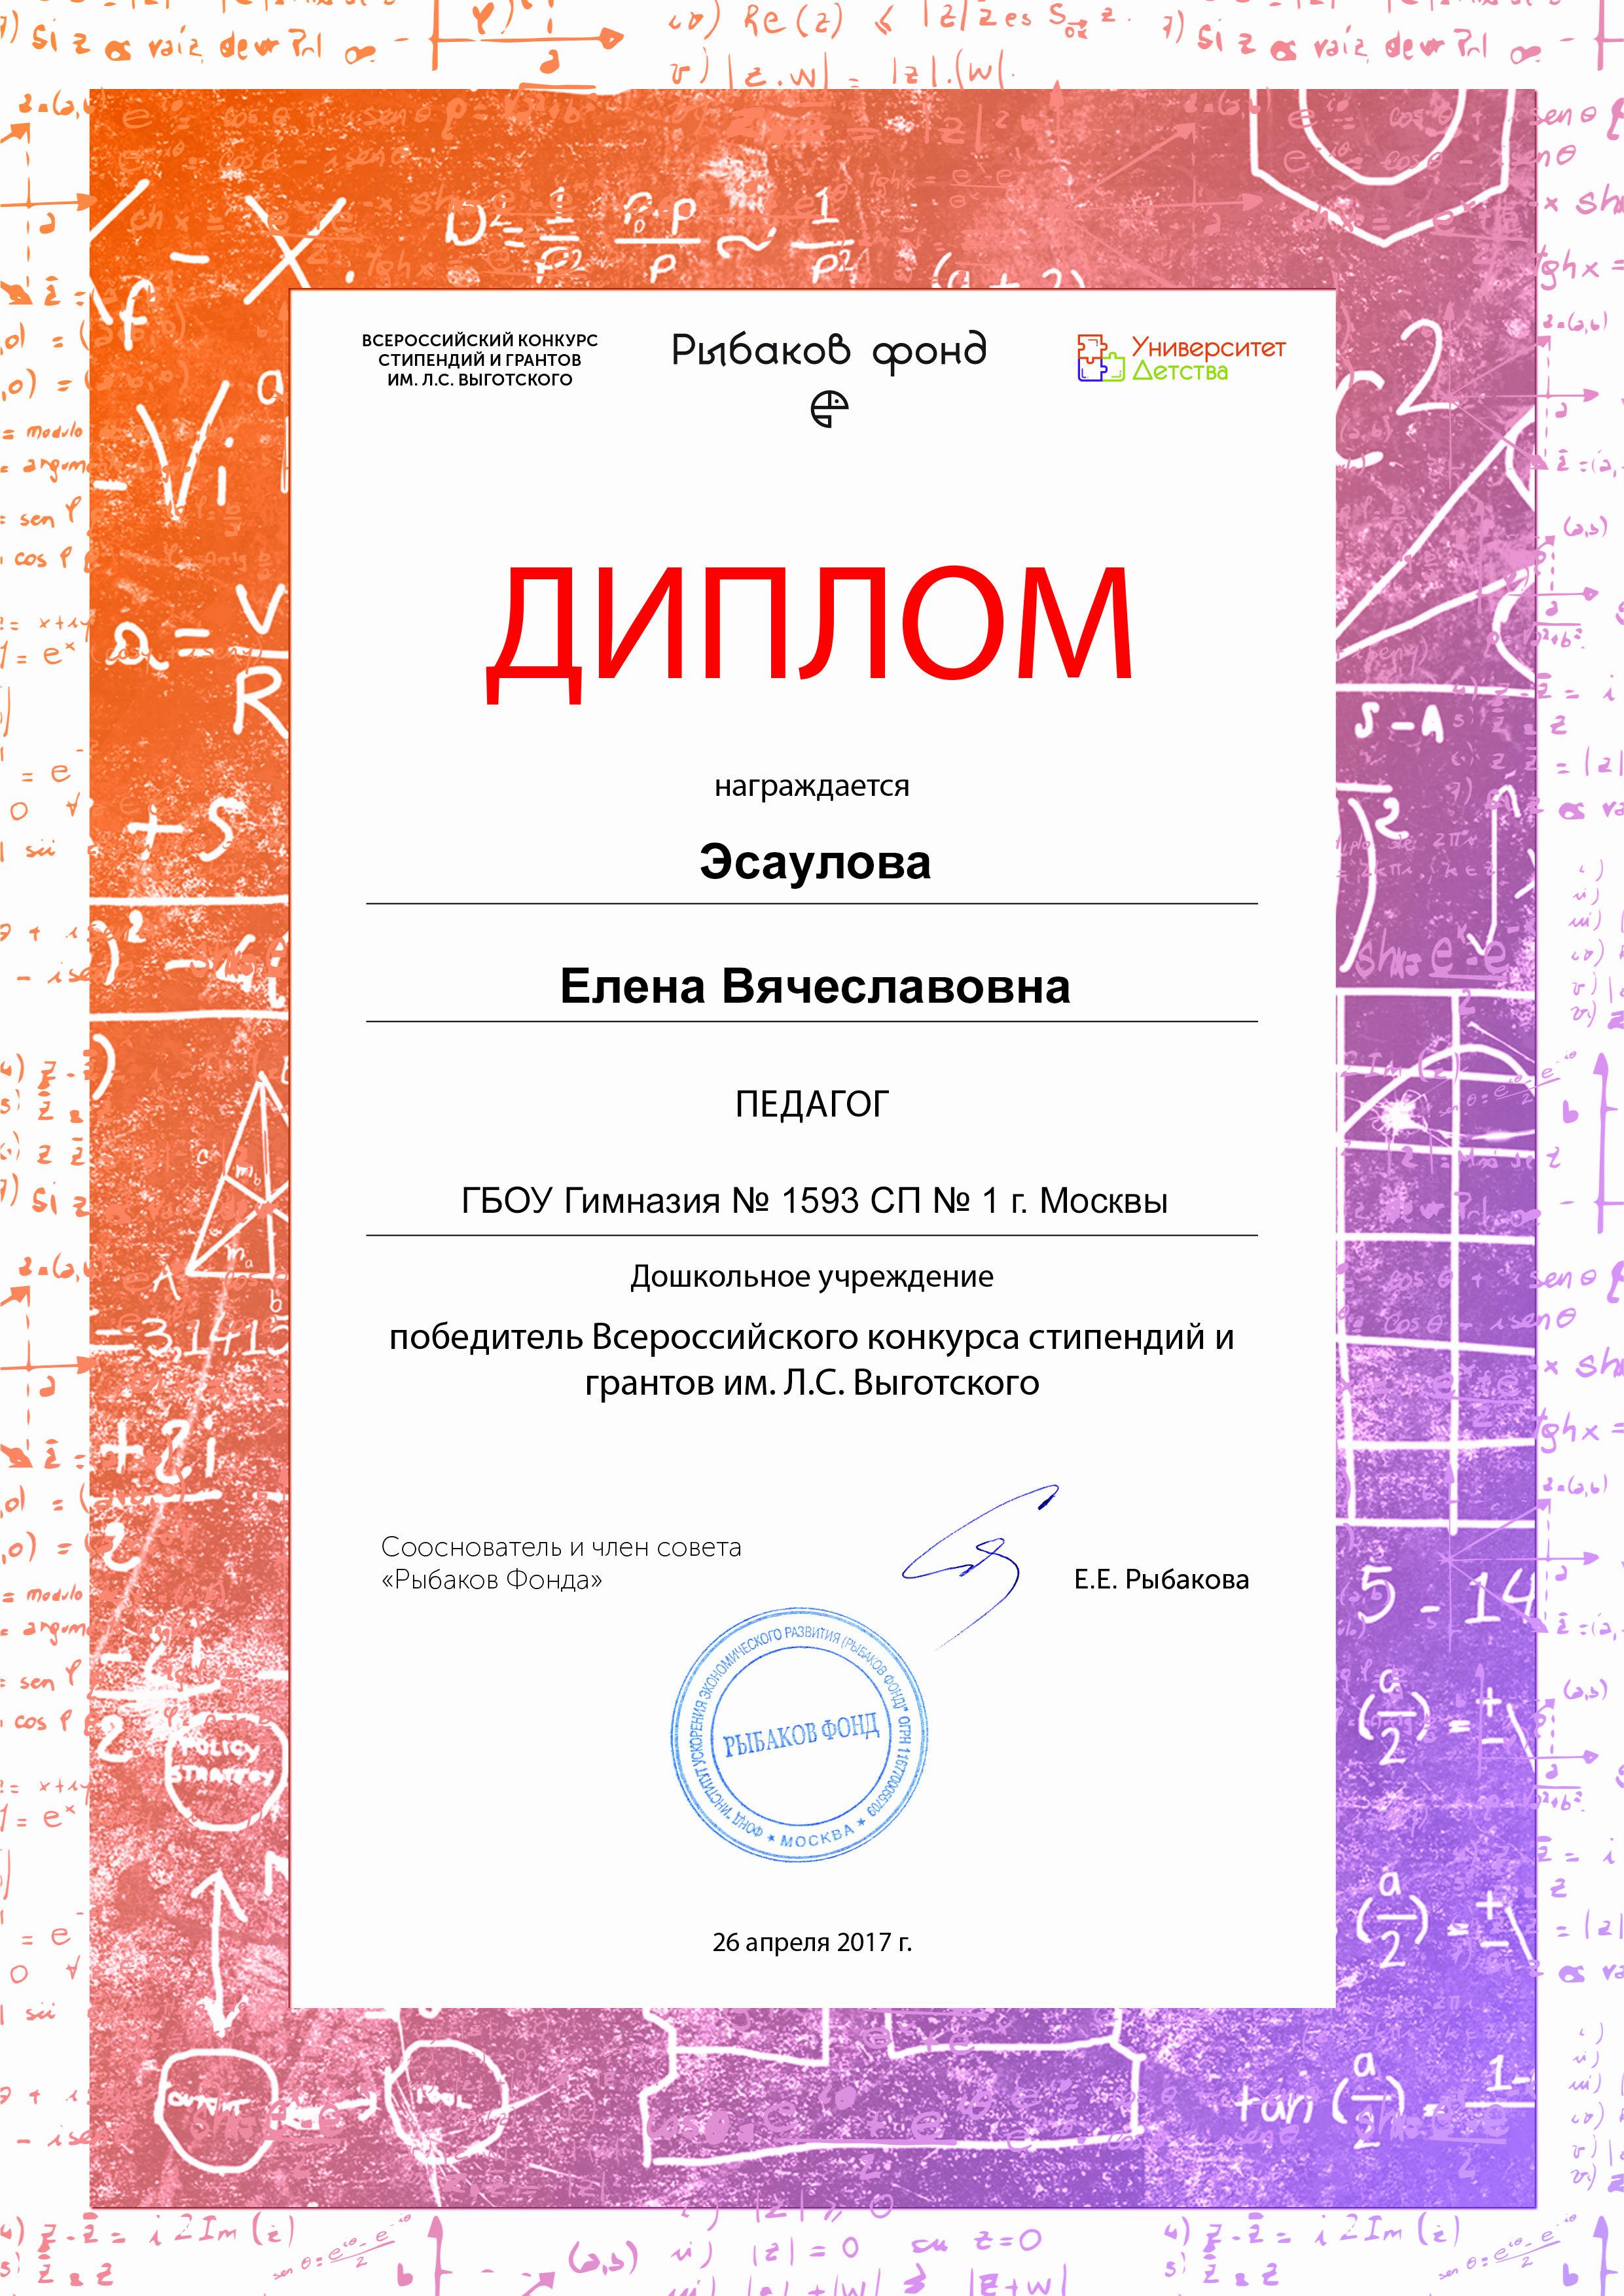 Диплом от Рыбаков Фонда.jpg